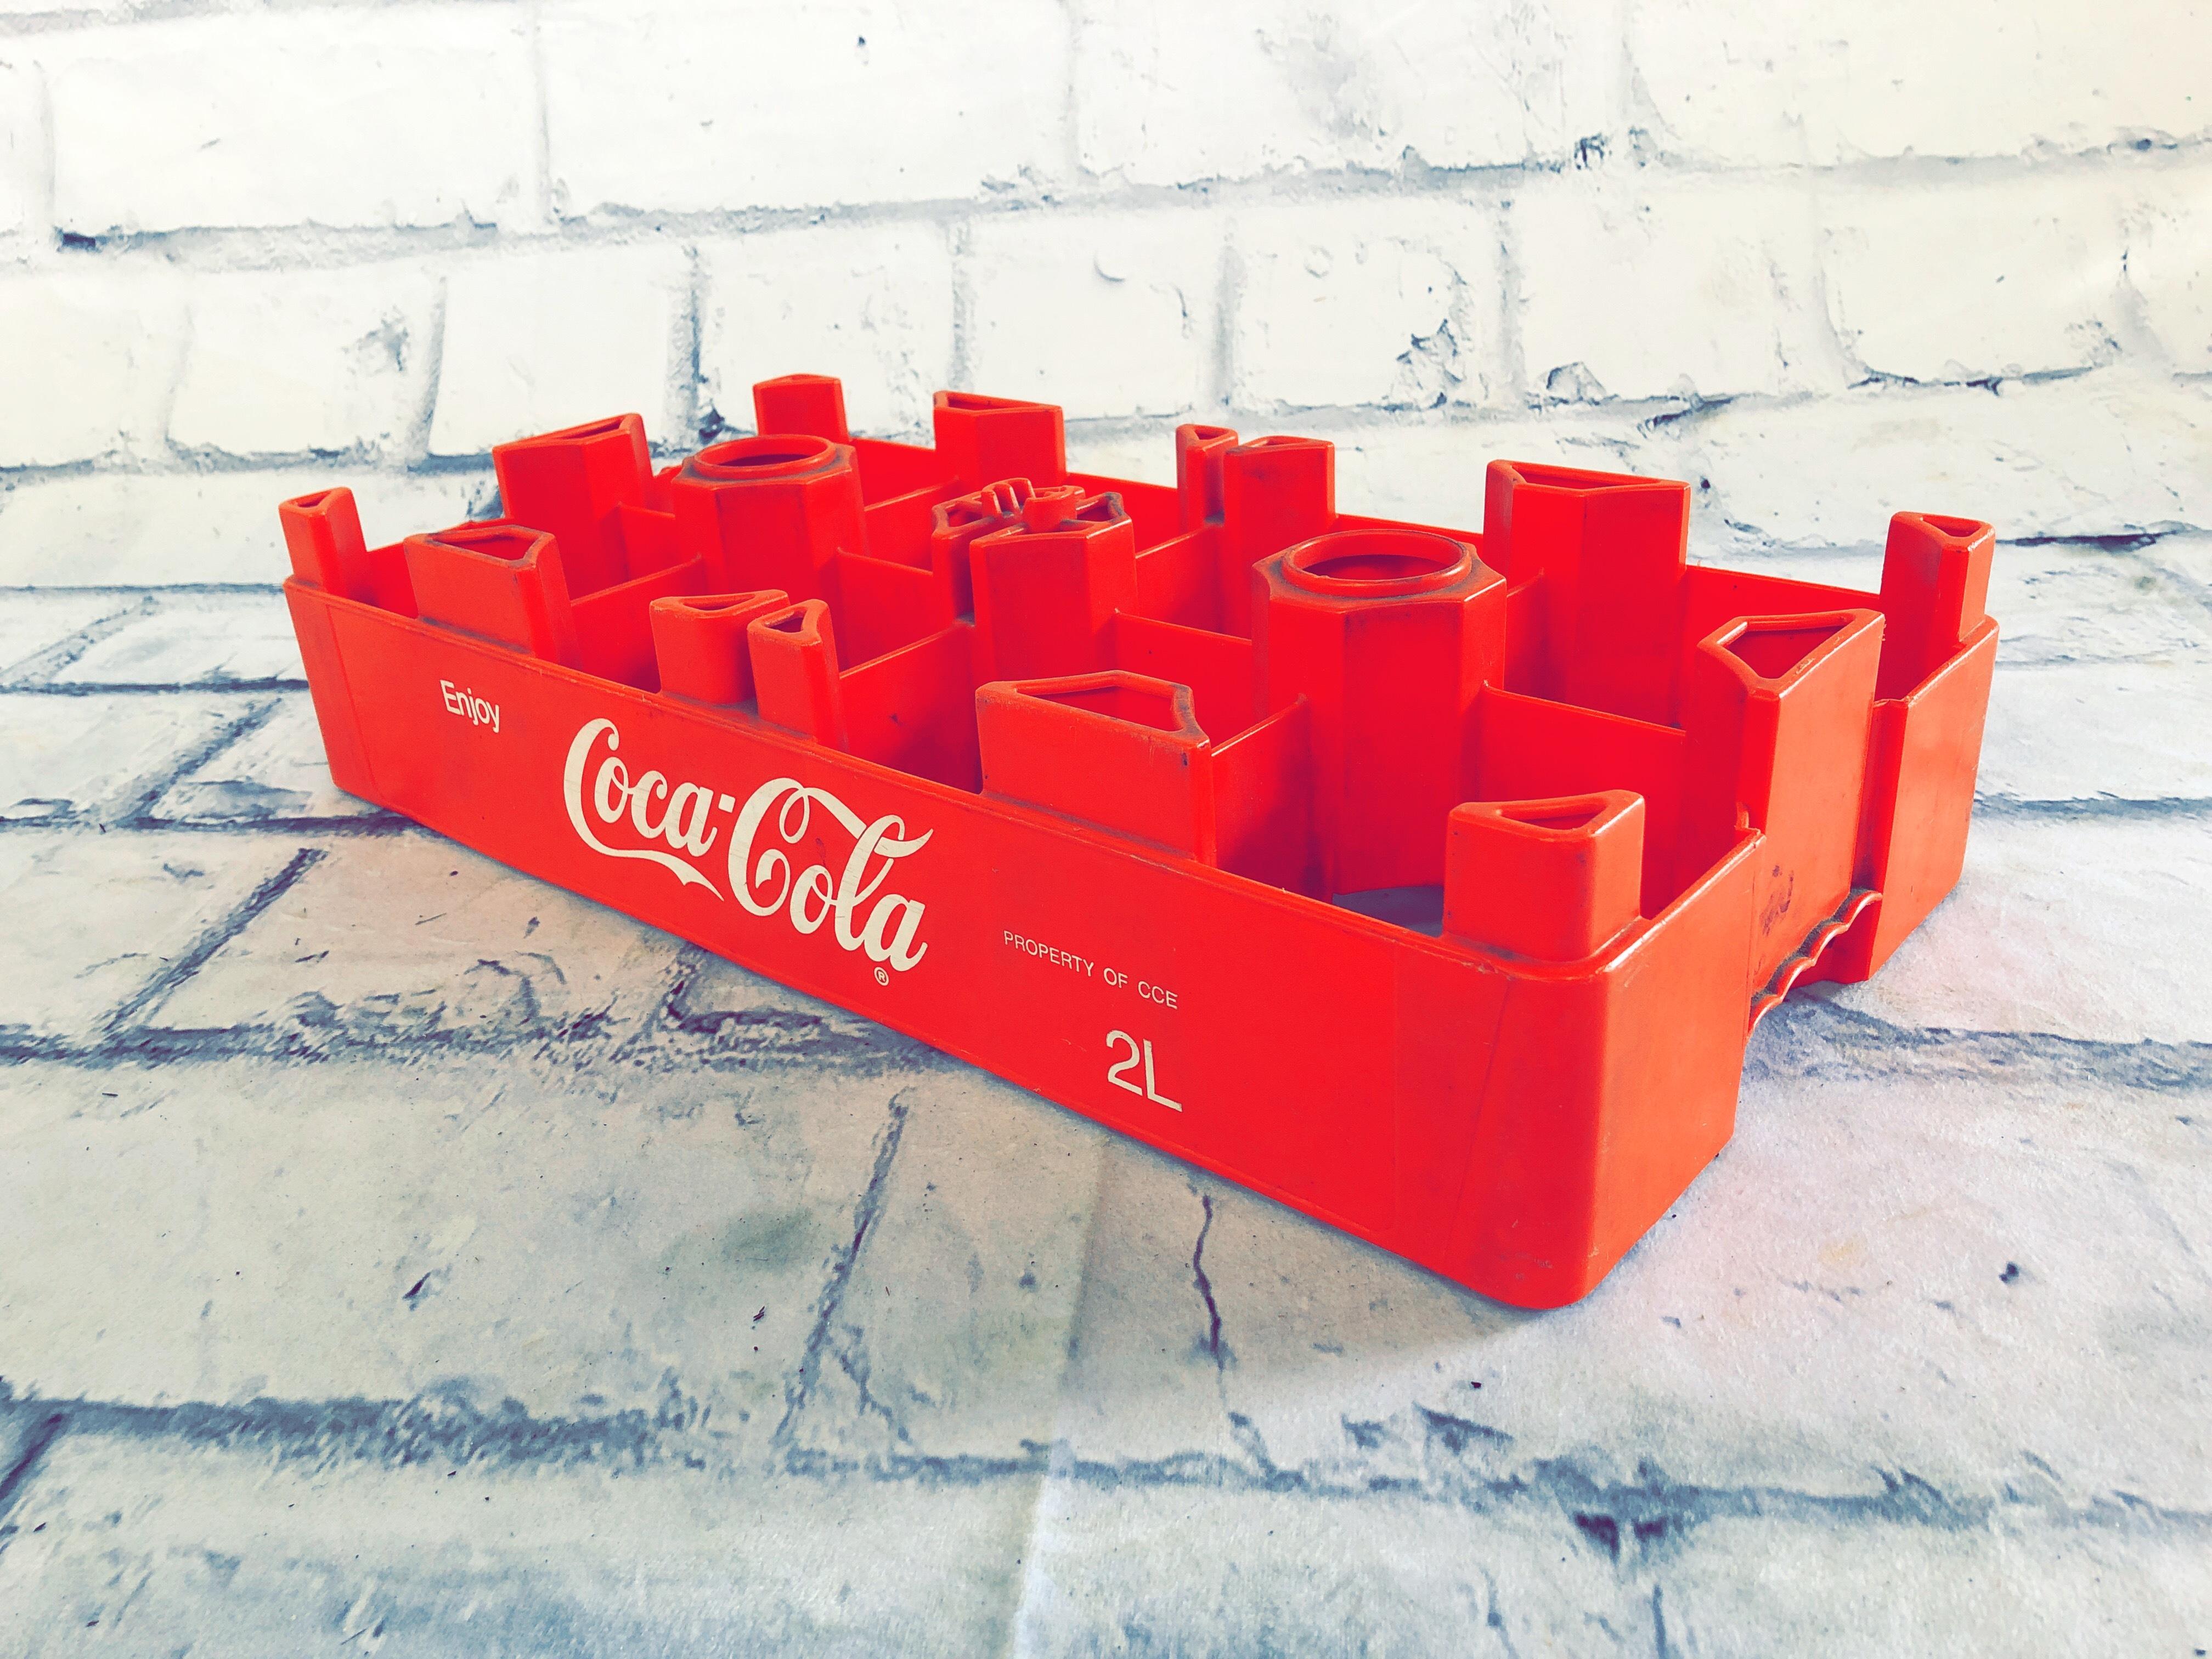 品番6381 ボトルクレート Coca Cola レッド プラスチックコンテナ